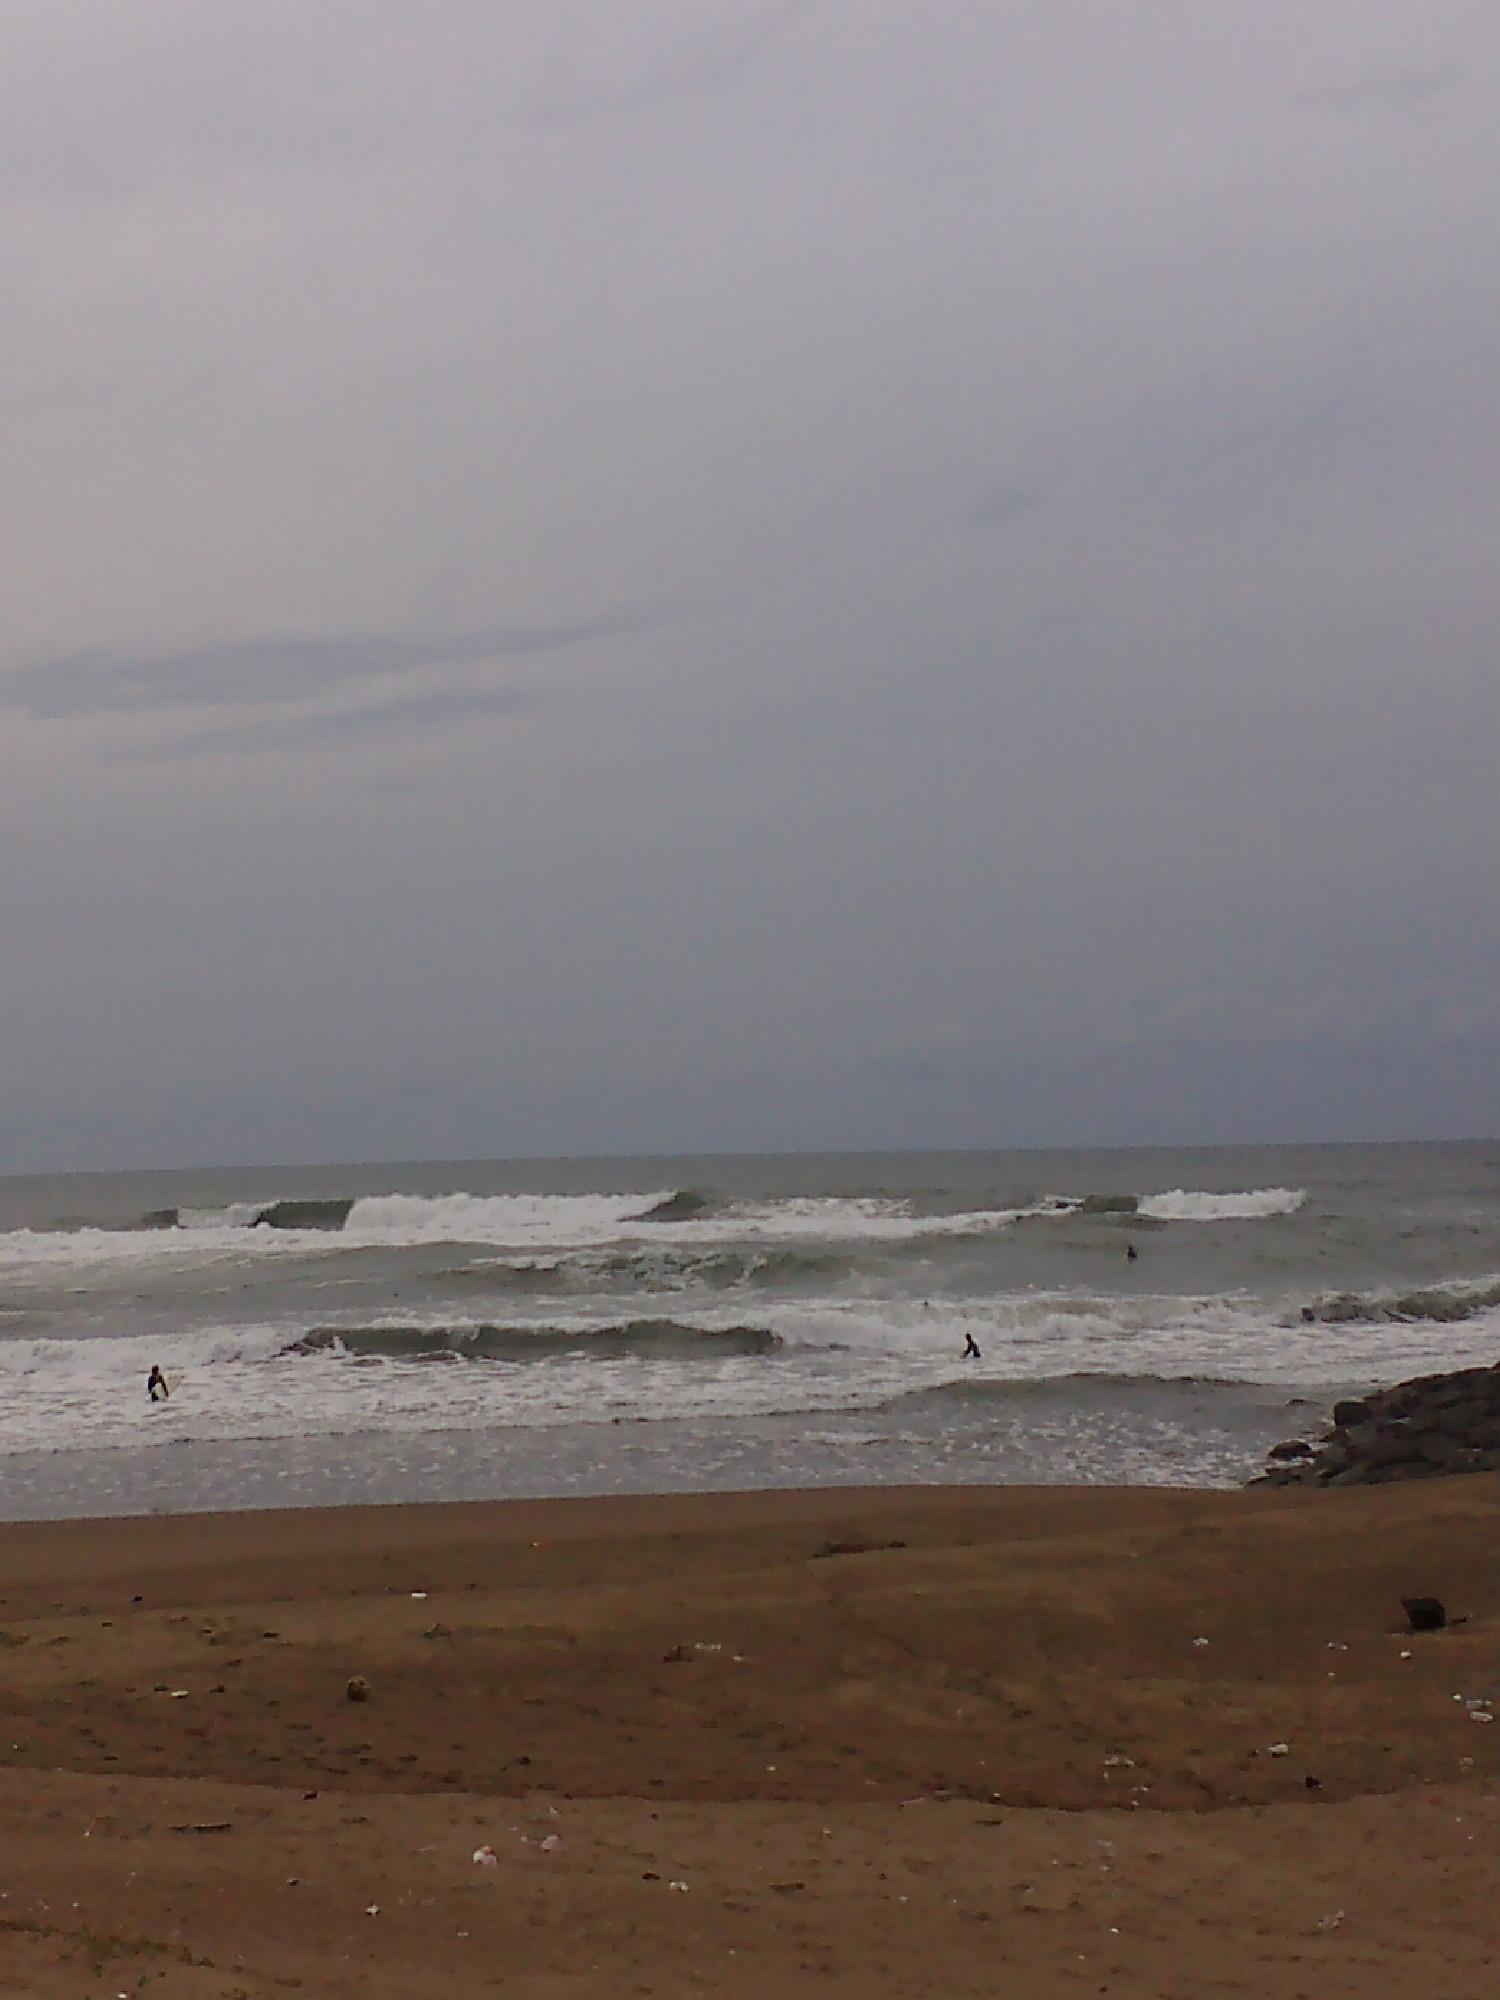 海 10月30日 16:30 いけす_b0112351_1629167.jpg